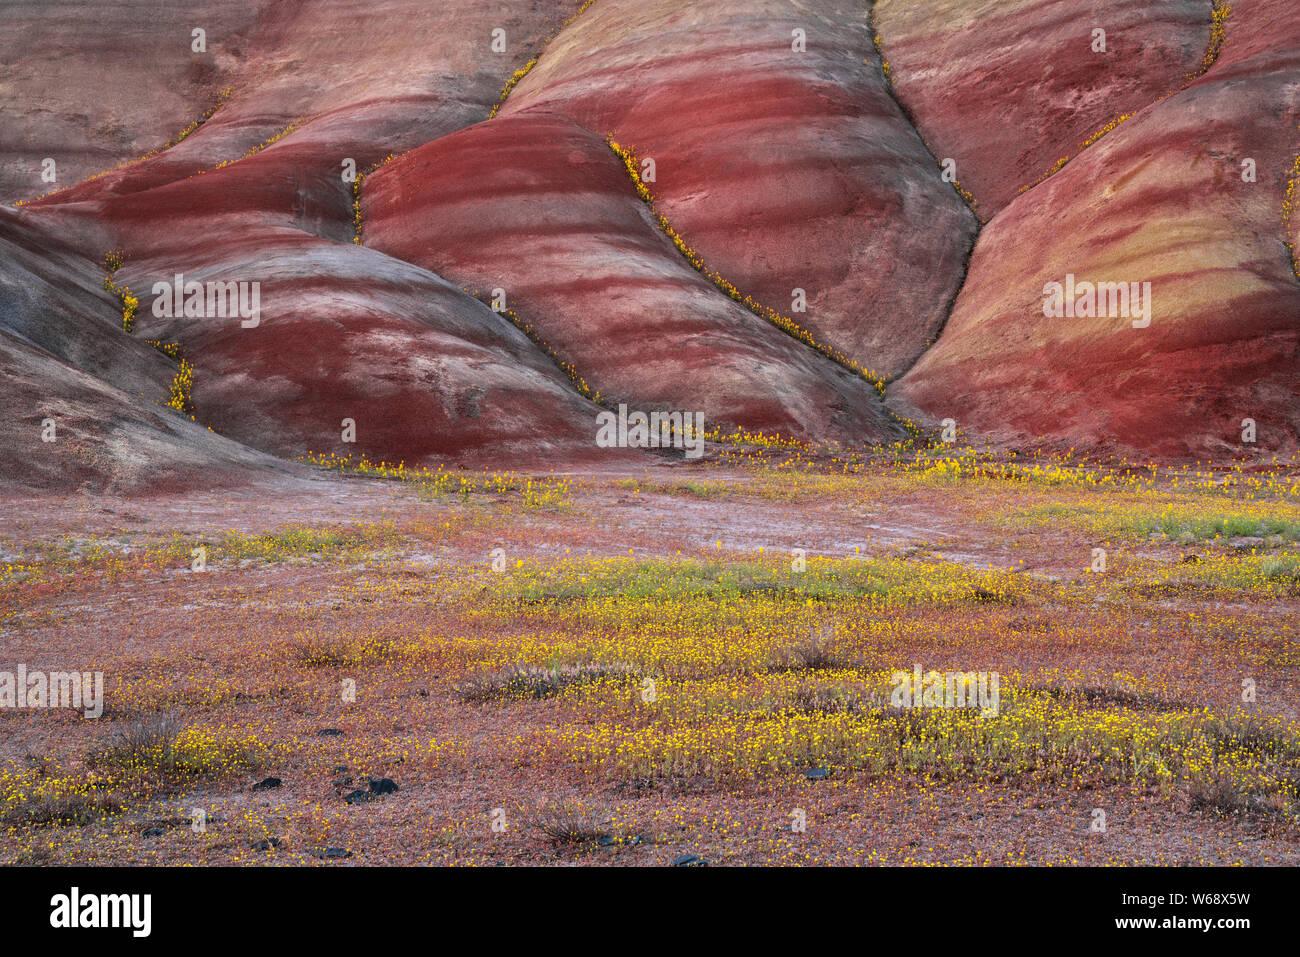 Le crépuscule civil glow sur la prolifération printanière de fleurs des champs à la base de l'unité centrale en collines peintes Oregon's John Day Fossil d'appoint. Banque D'Images